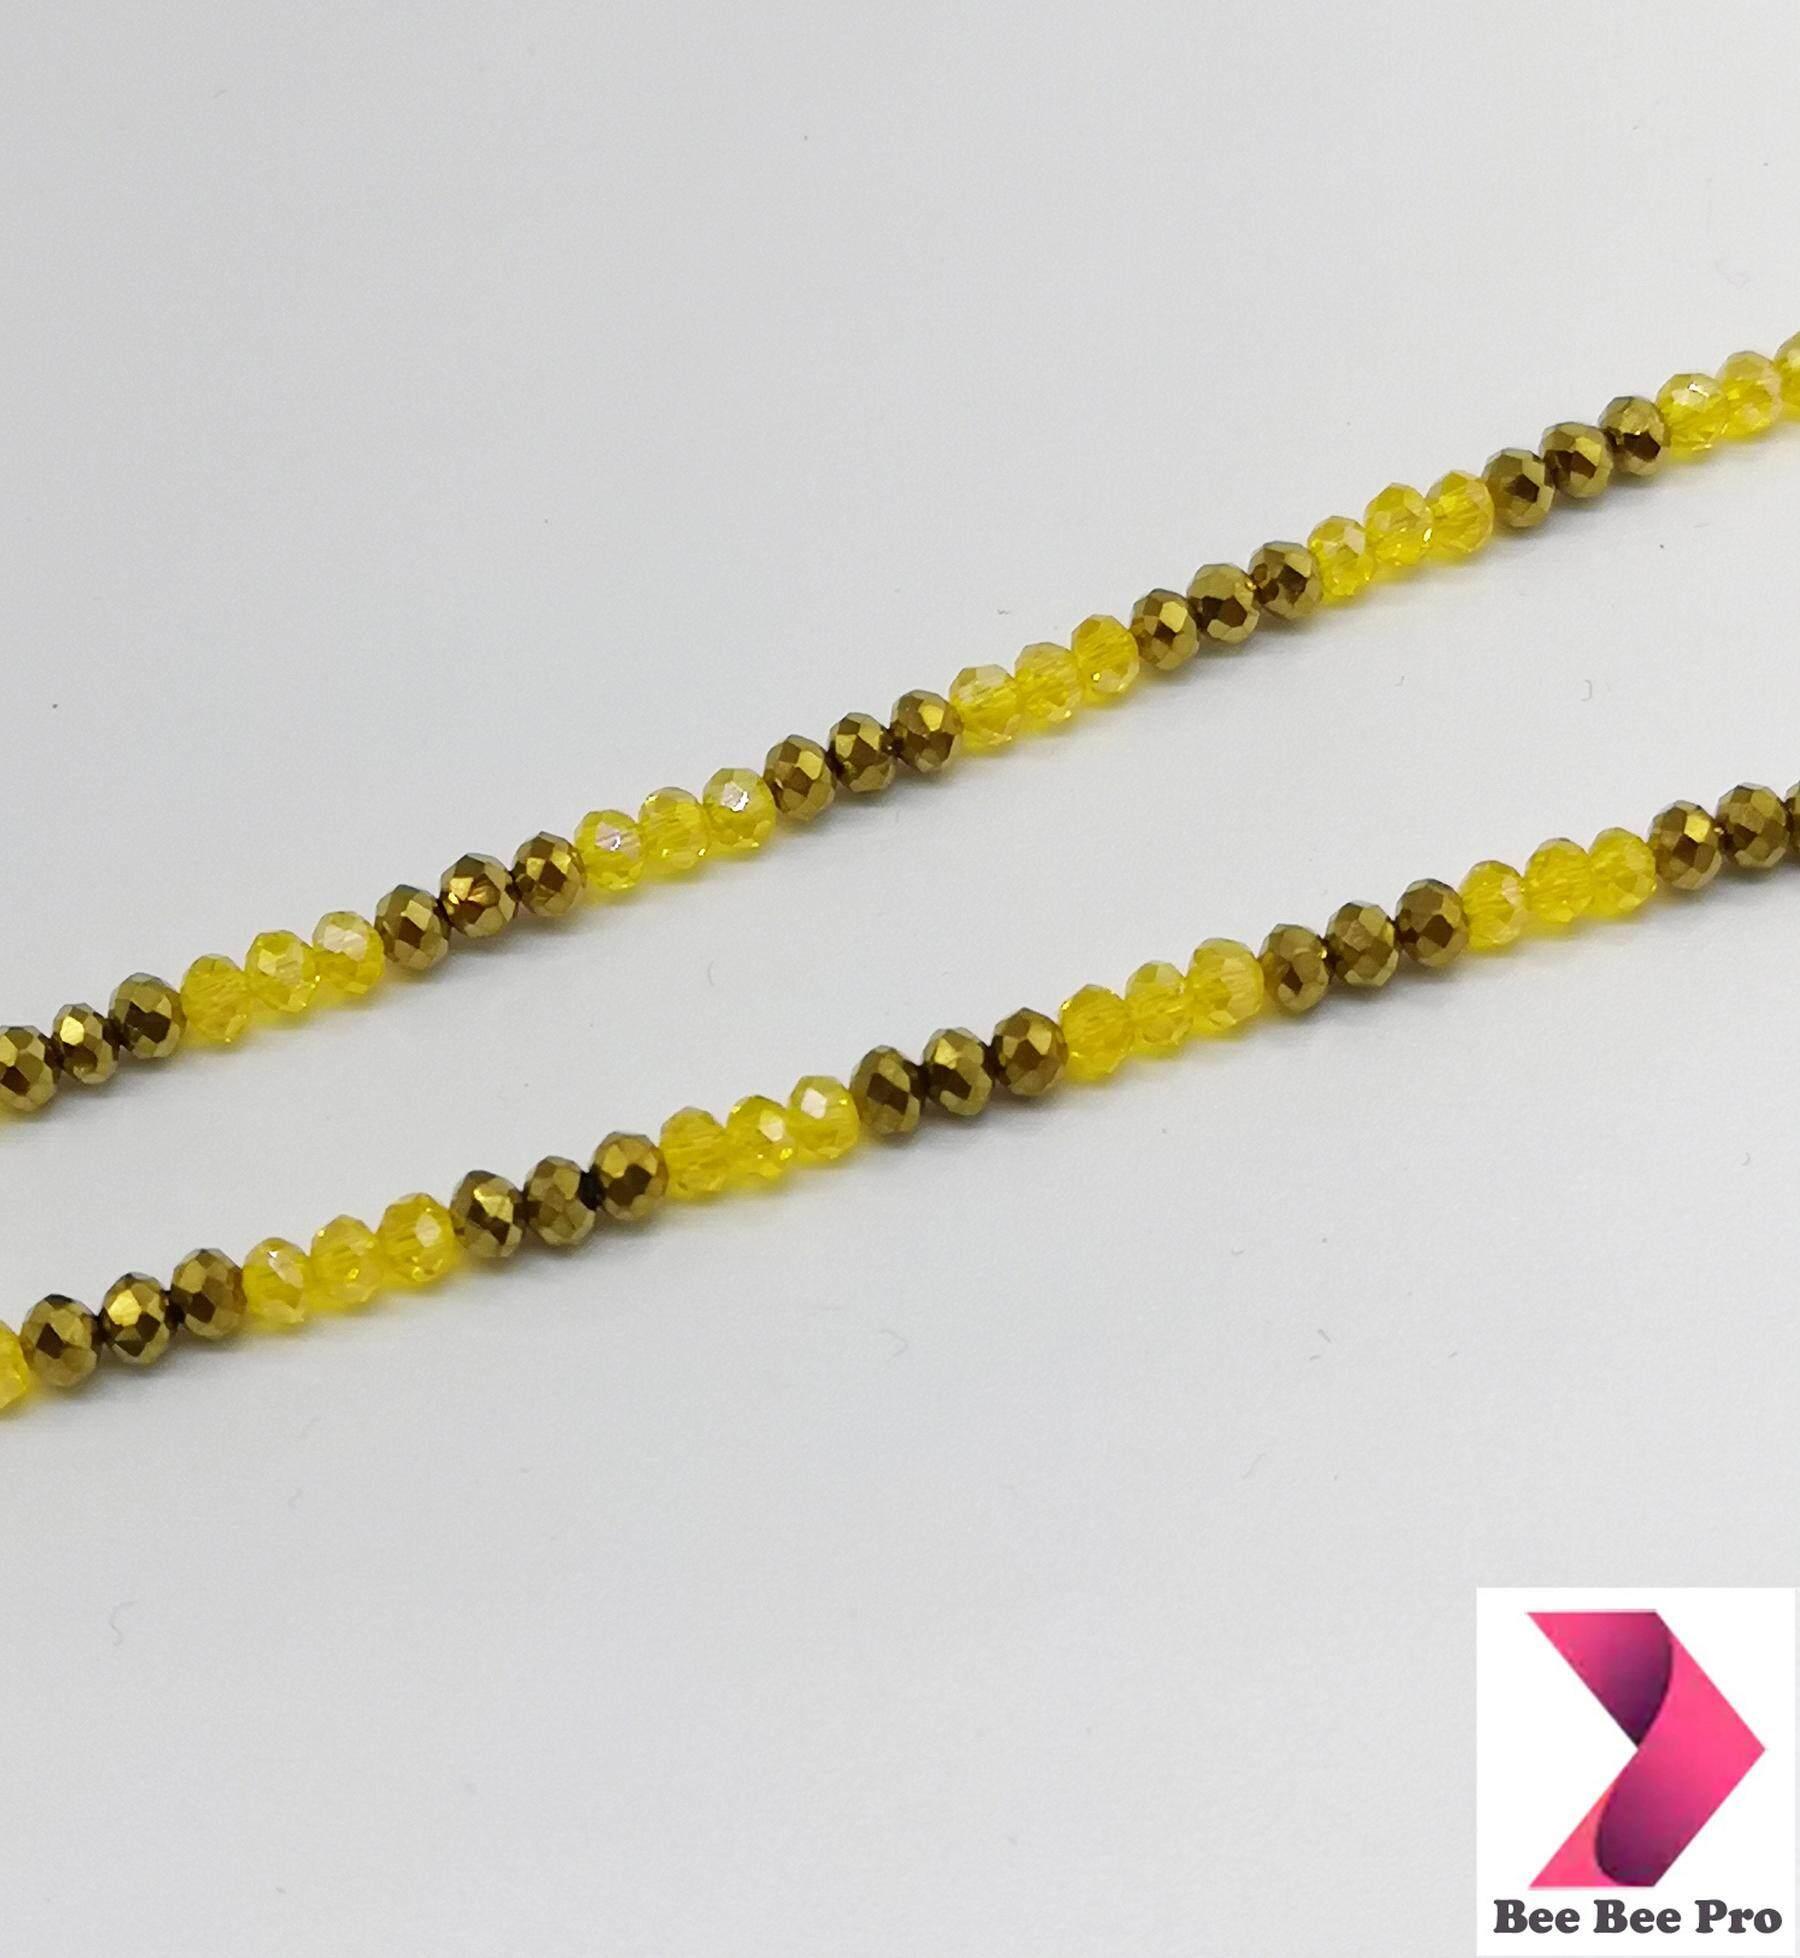 BBP186 - สร้อยคริสตัลสีเหลือง+ทอง 23 นิ้ว 1 ห่วง สร้อยคอห้อยพระ สร้อยคอผู้หญิง